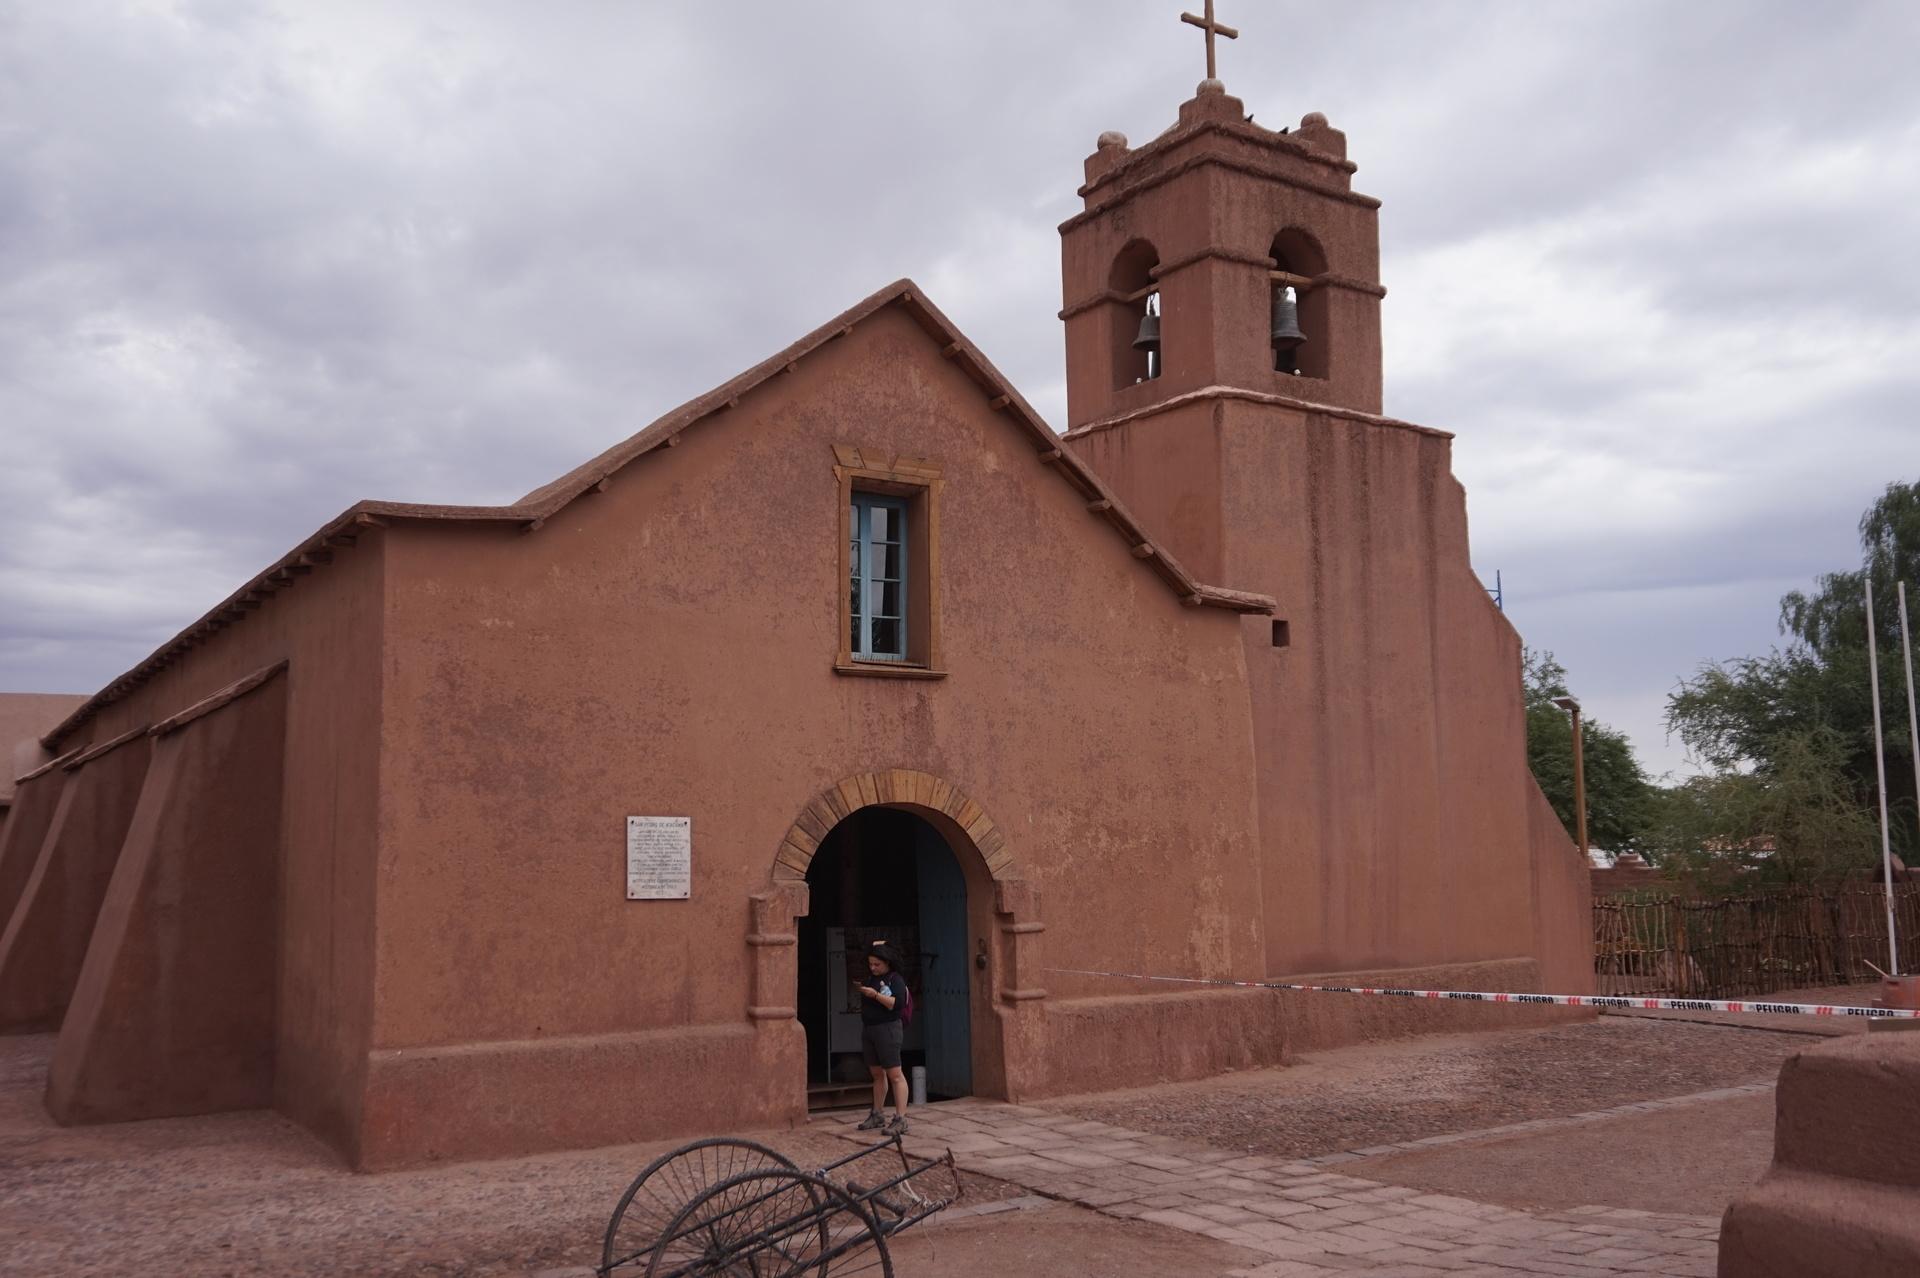 チリ ボリビア ウユニ旅行 アタカマ 教会